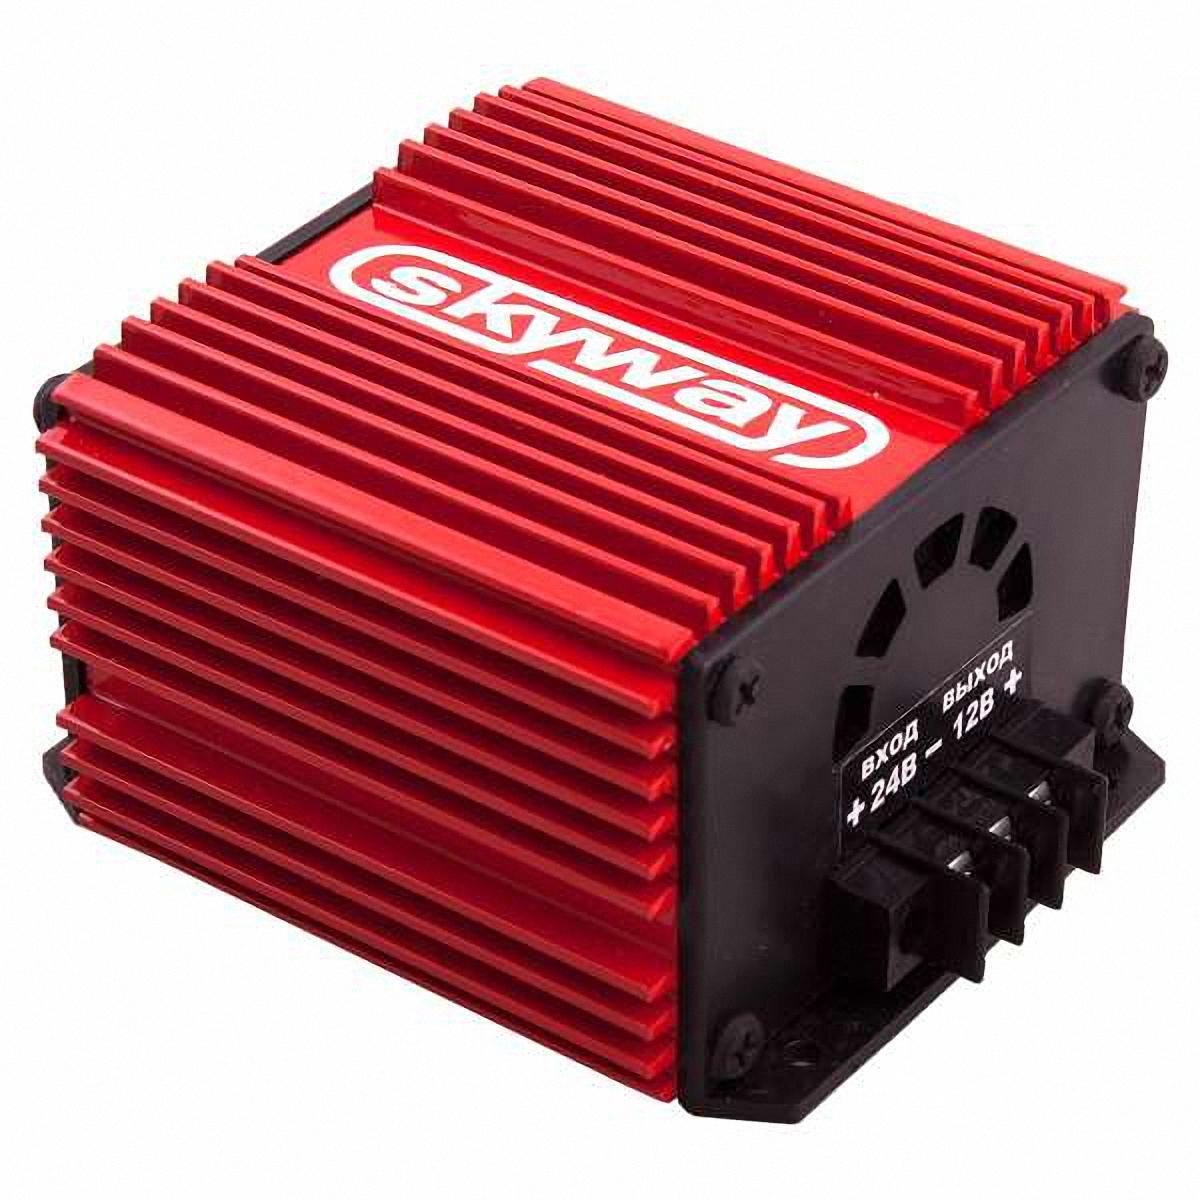 Преобразователь напряжения Skyway, 24/12V 10АS05501001Преобразователь напряжения 24/12V импульсный стабилизатор напряжения. Адаптер предназначен для преобразования нестабилизированного постоянного напряжения (22…30В) в постоянное стабилизированное напряжение 12В. Имеет встроенную защиту от короткого замыкания в нагрузке и перегрева. Адаптер может быть использован при работе с любыми видами нагрузок. Входное напряжение: 22…30ВВыходное напряжение: 13,6±0,5ВМакс. выходной ток: 10 АМакс. выходная мощность: 120 ВаттКоэффициент полезного действия:93%Напряжение пульсаций на выходе: 0,2 ВРабочая температура: -40…+70 °С